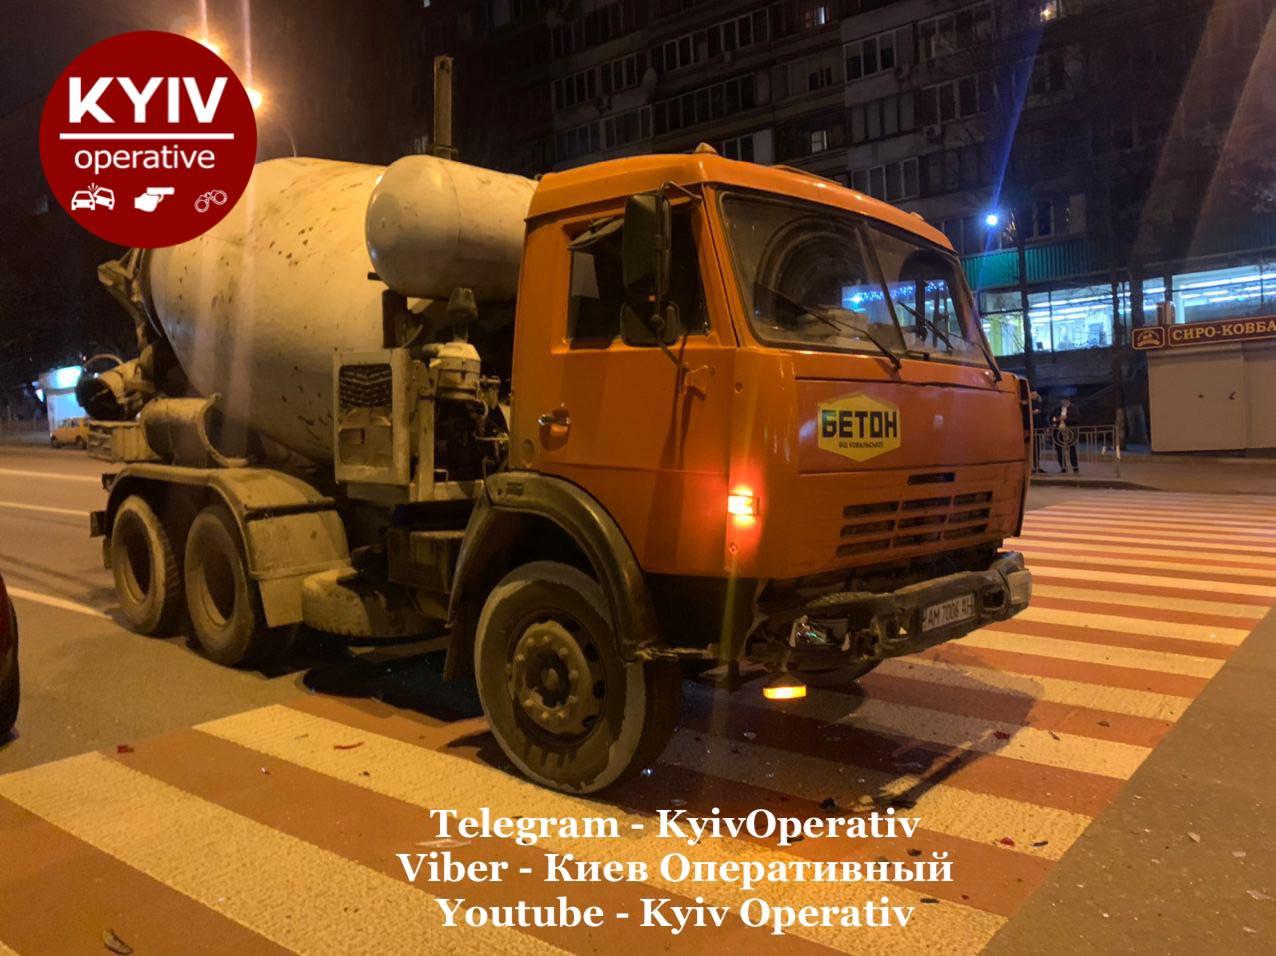 Київ: п'яний водій бетономішалки вчинив ДТП - травмування, п'яний водій, вантажівка, алкогольне сп'яніння - 128644942 1149867452076006 3910366719697441721 o